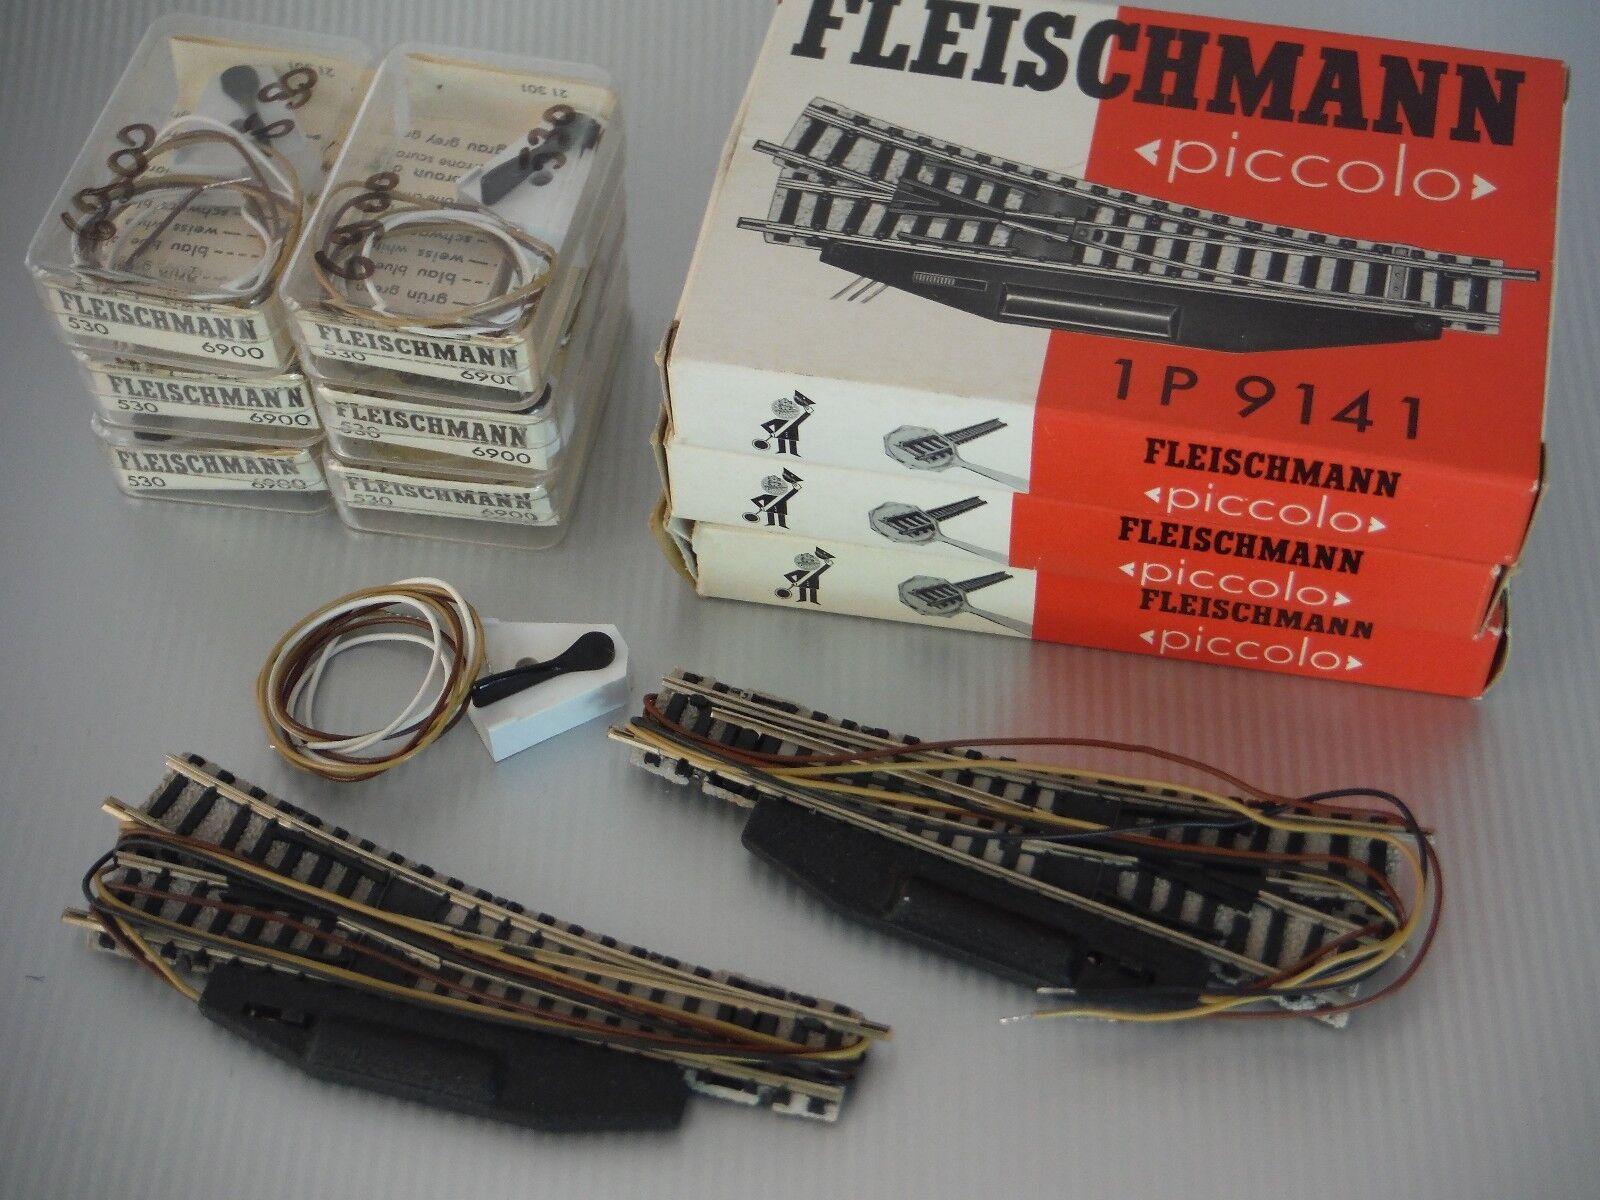 Fleischuomon Piccolo Nr.1 coppia sx+dx di di di scambi elettrici art.9141 + nr.2 6900 462437